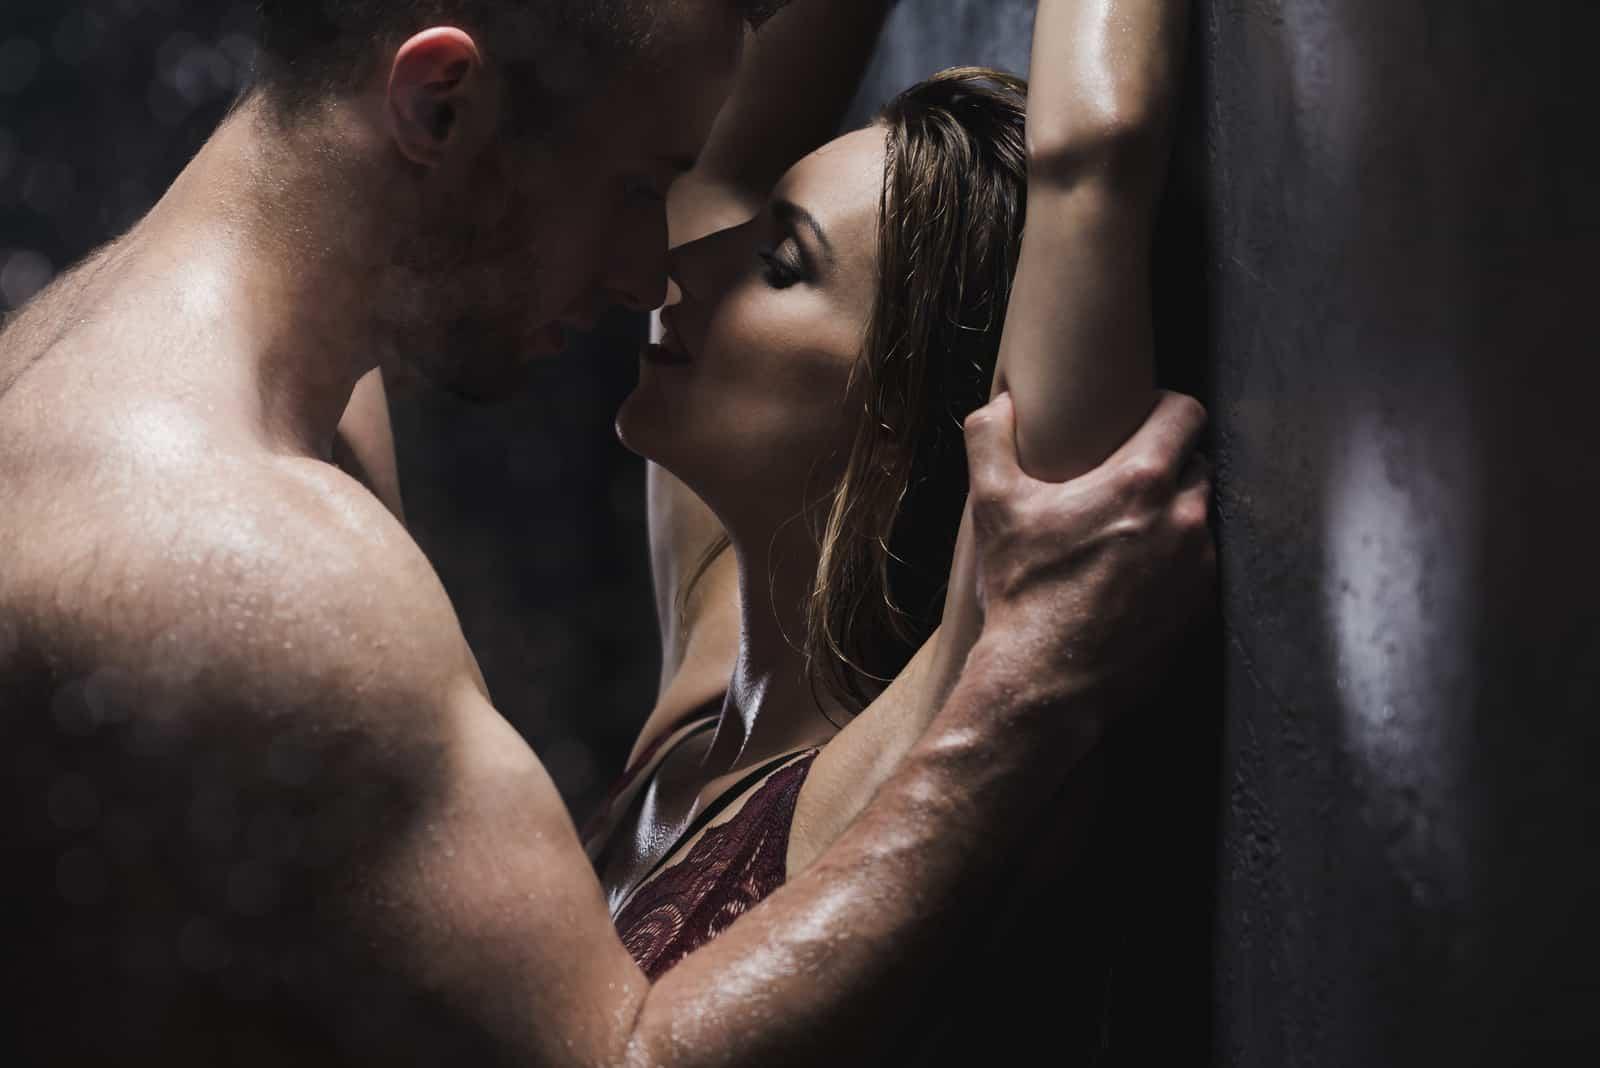 ein attraktives Liebespaar umarmt und küsst leidenschaftlich